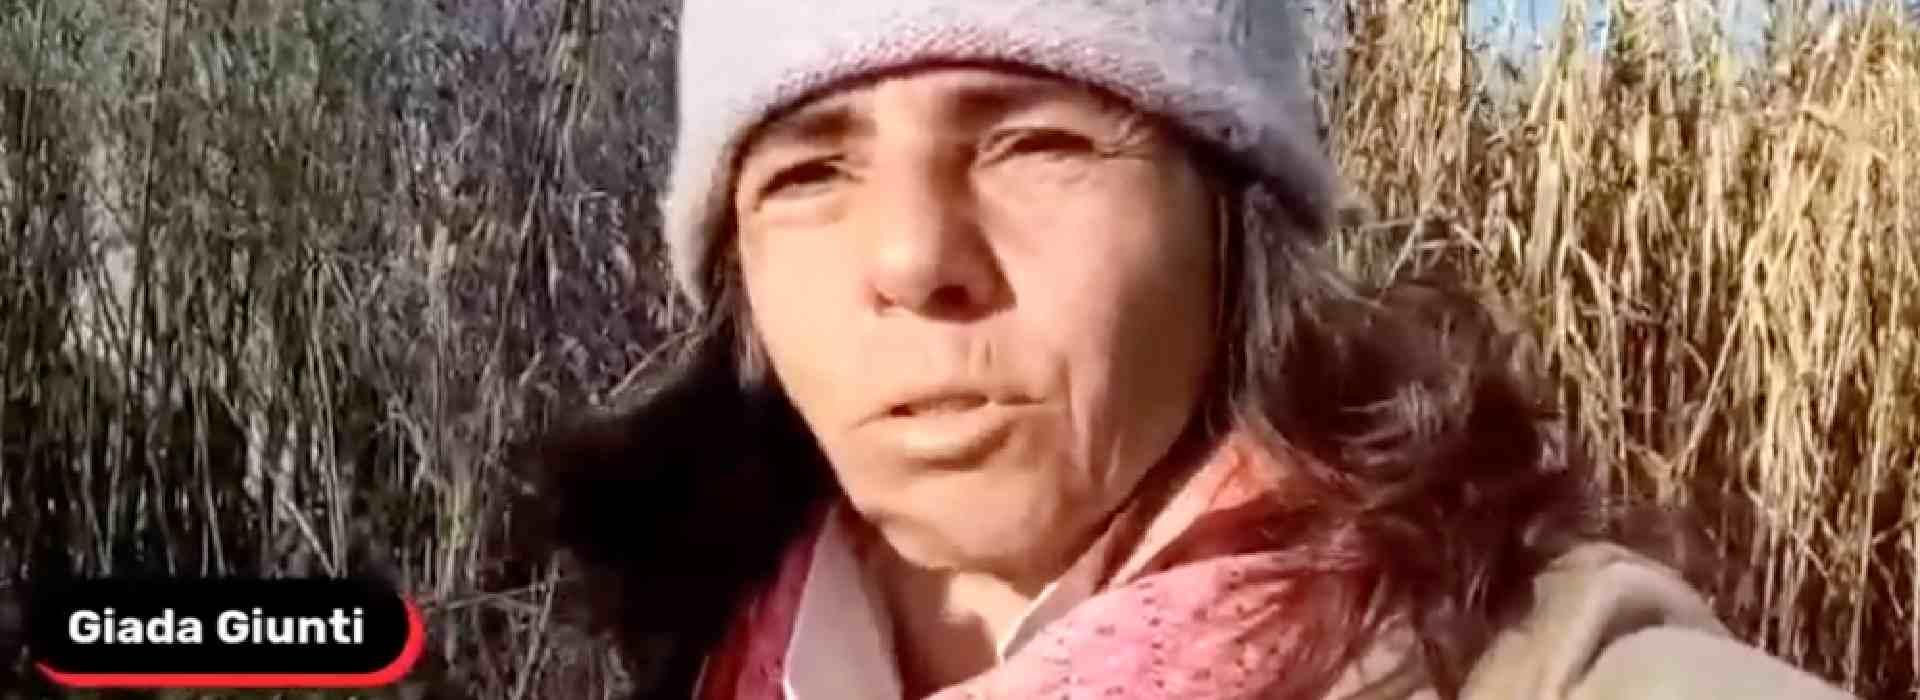 Vicenda Giunti: storia di un bimbo che i giudici hanno sottratto alla madre e affidato al padre violento